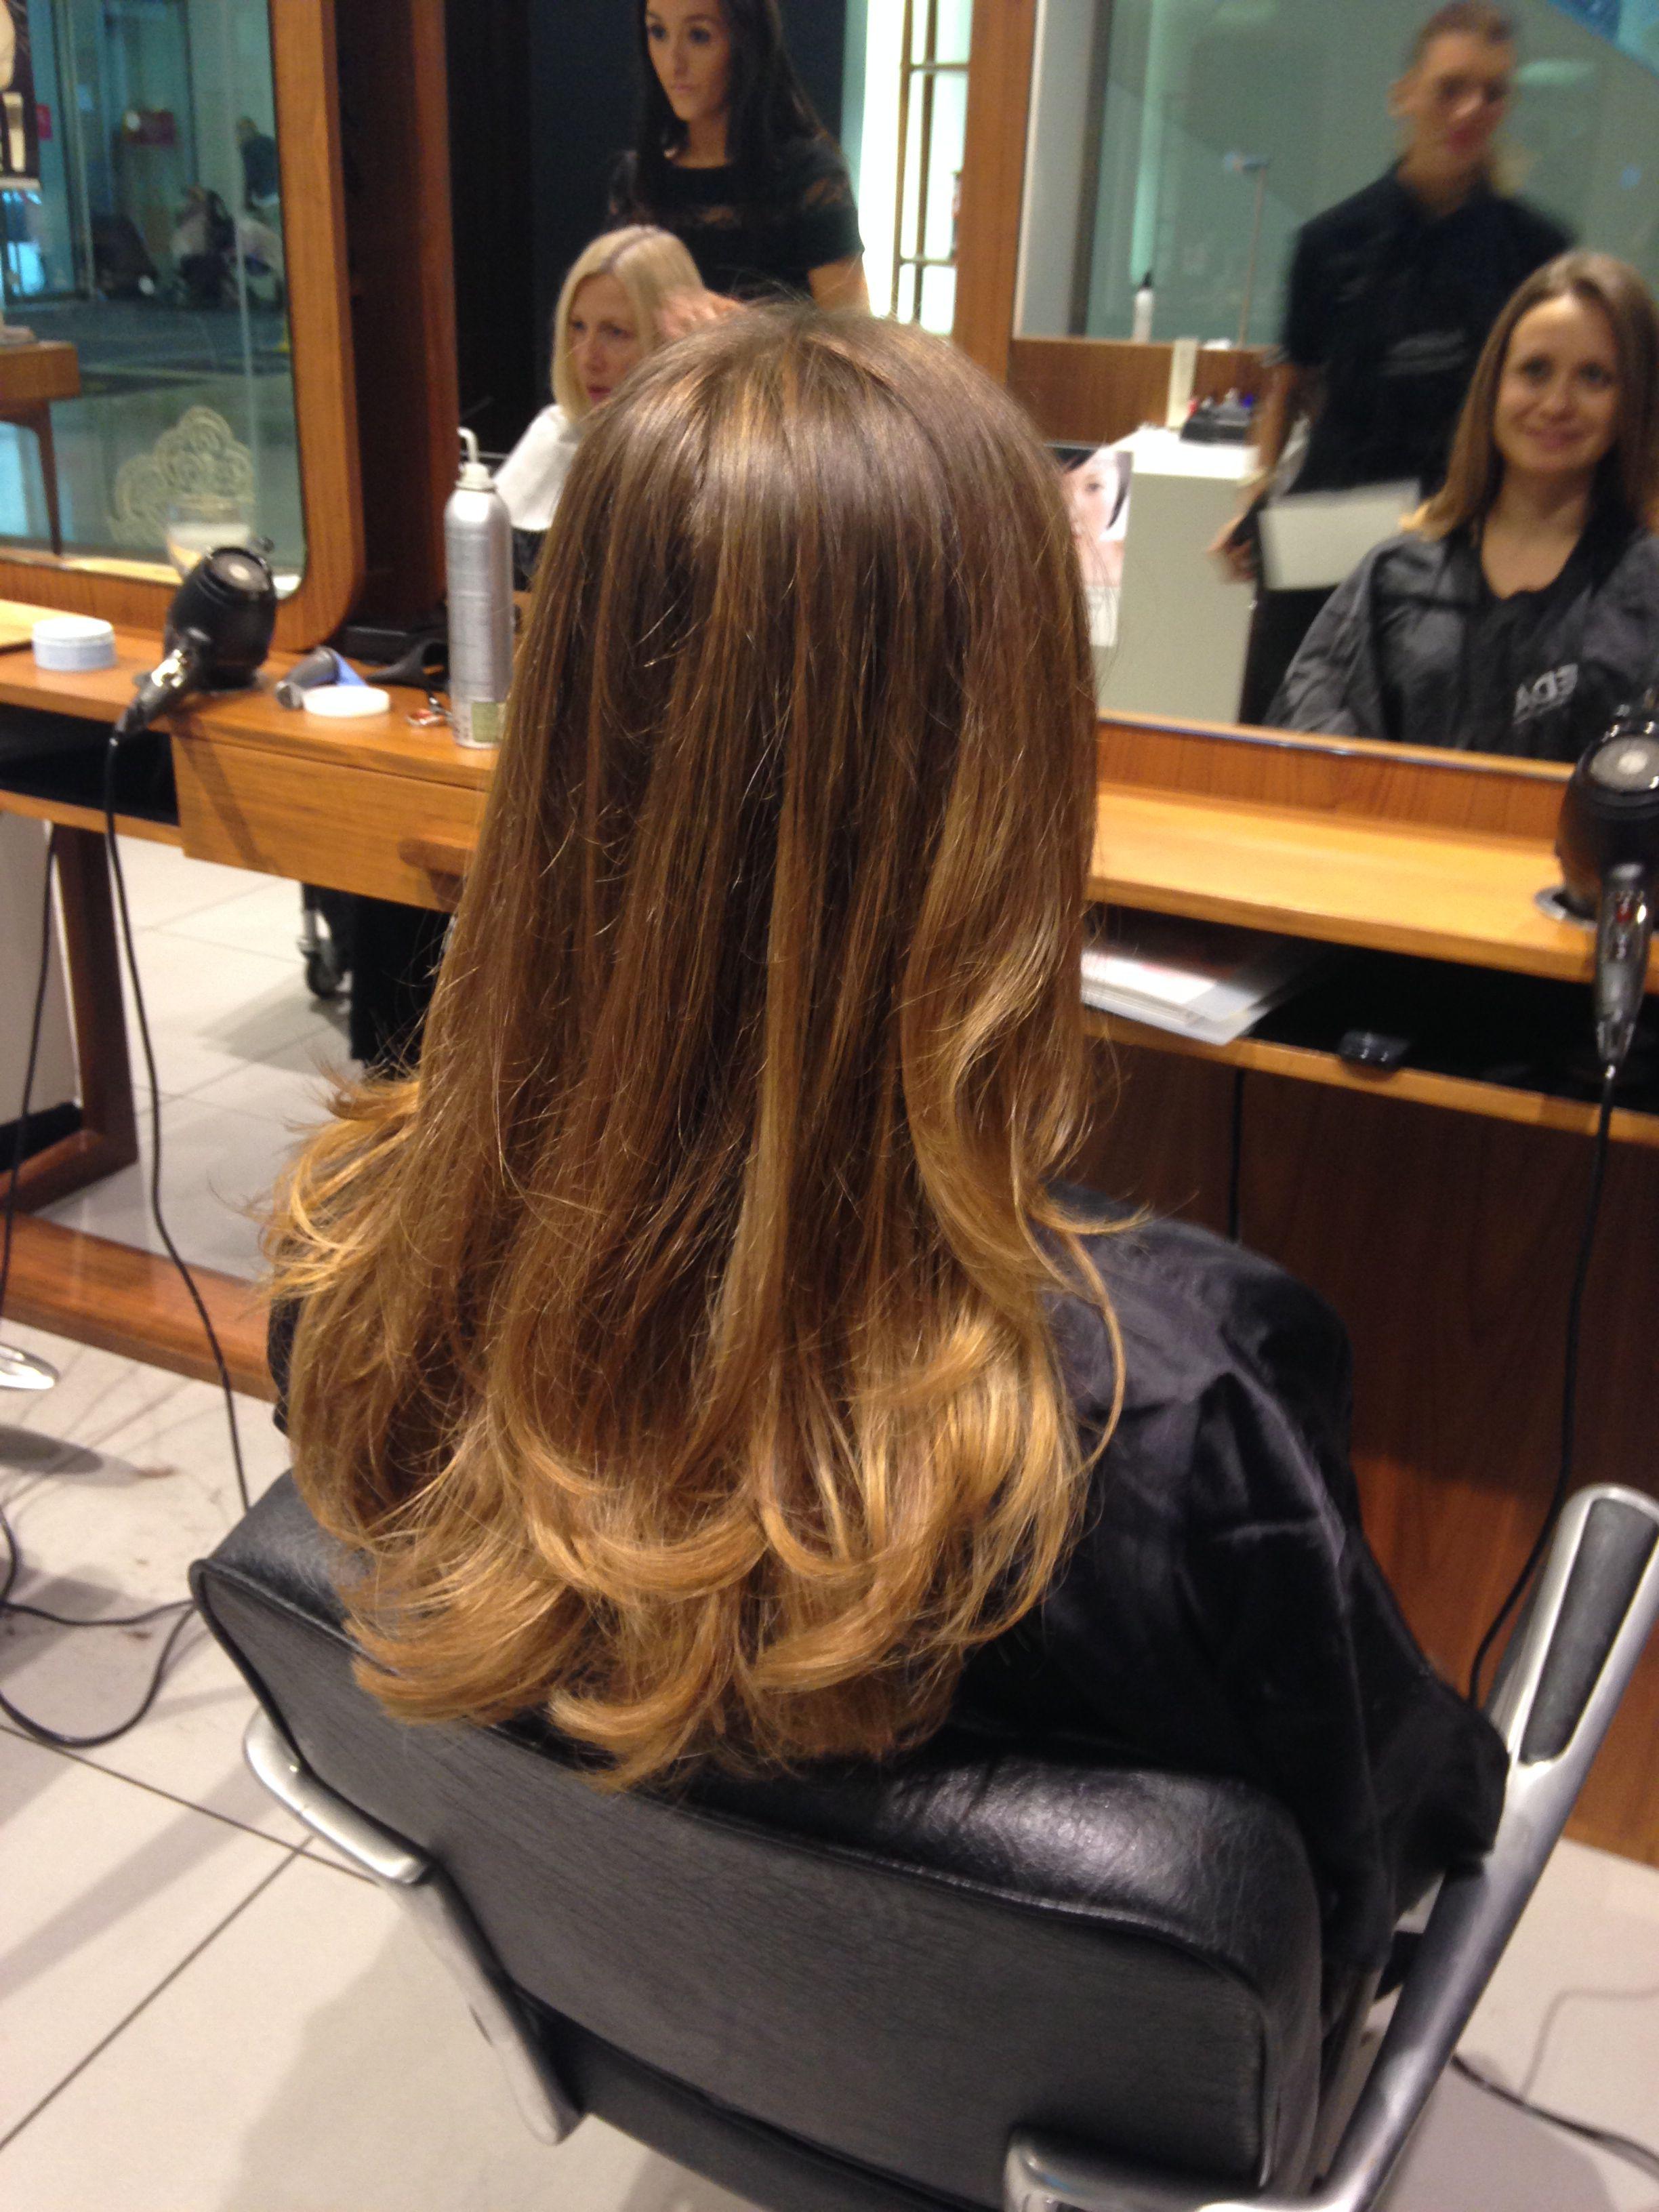 Ballayage Blond à ballayage #aveda #naturallights #cardiffhair #ontrend | #ballayage